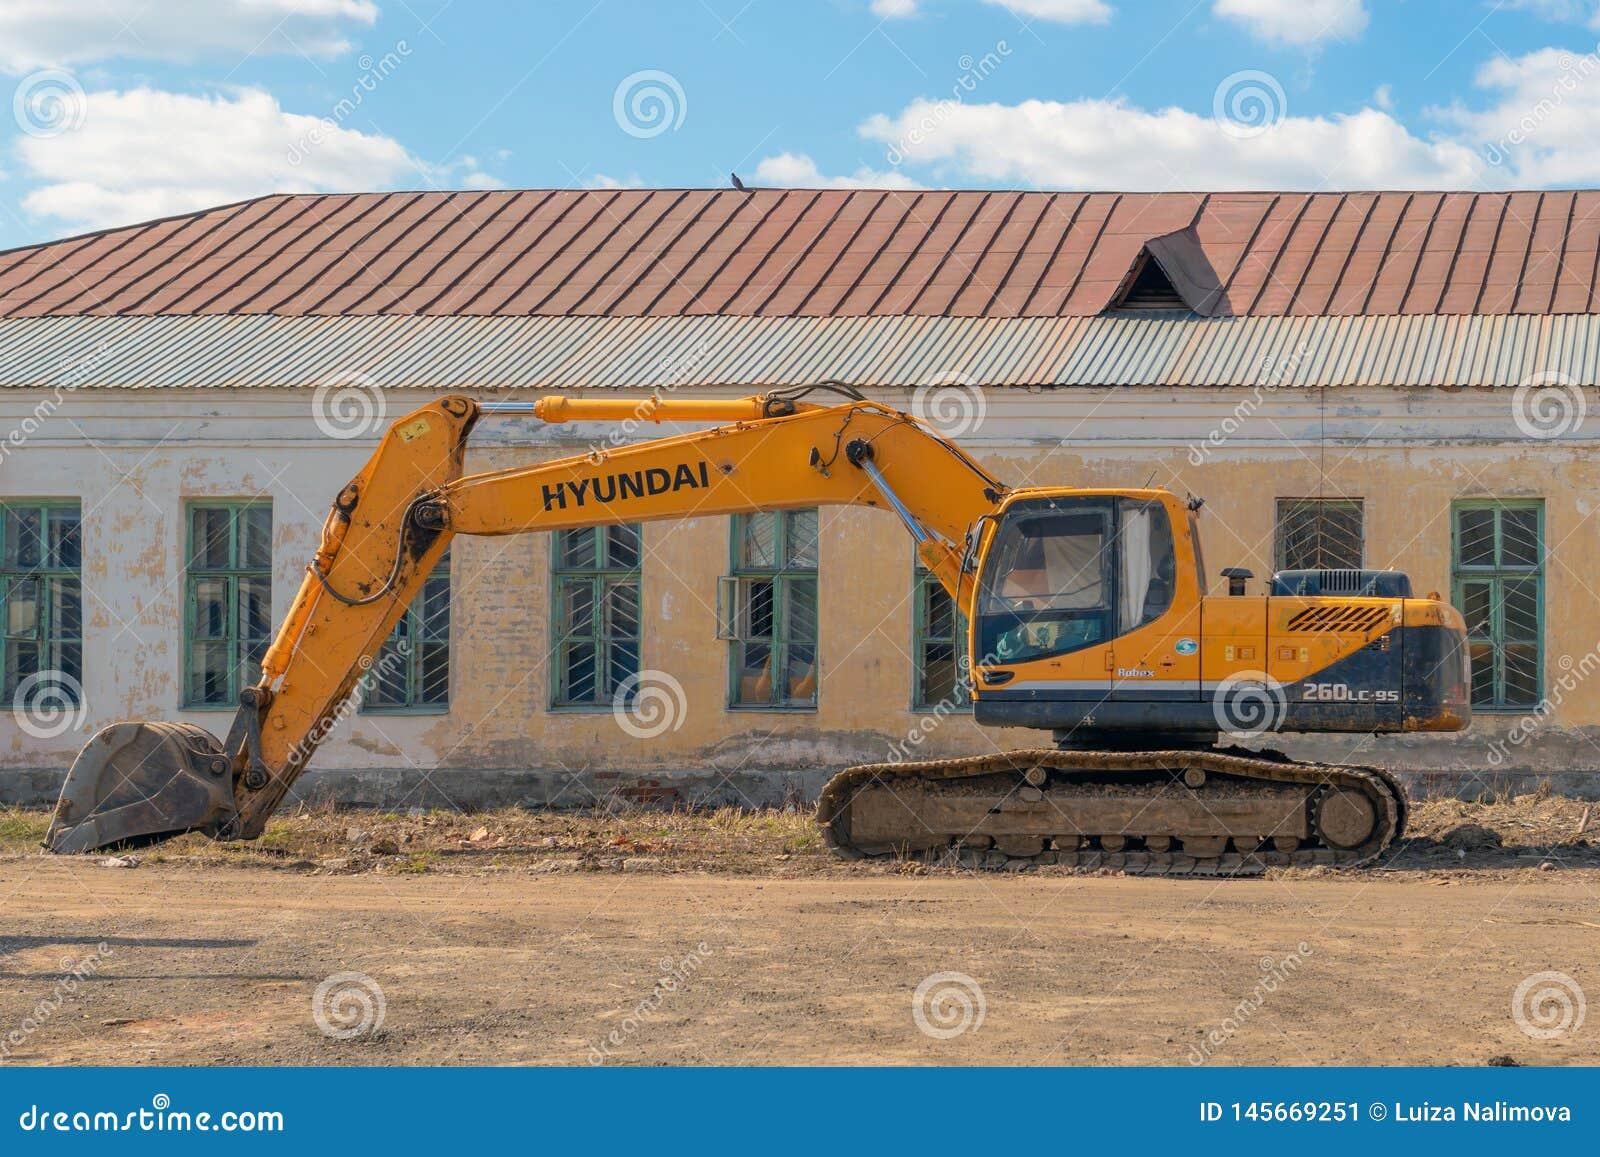 Rusia, Kaz?n - 20 de abril de 2019: Excavador amarillo en el fondo de un edificio abandonado